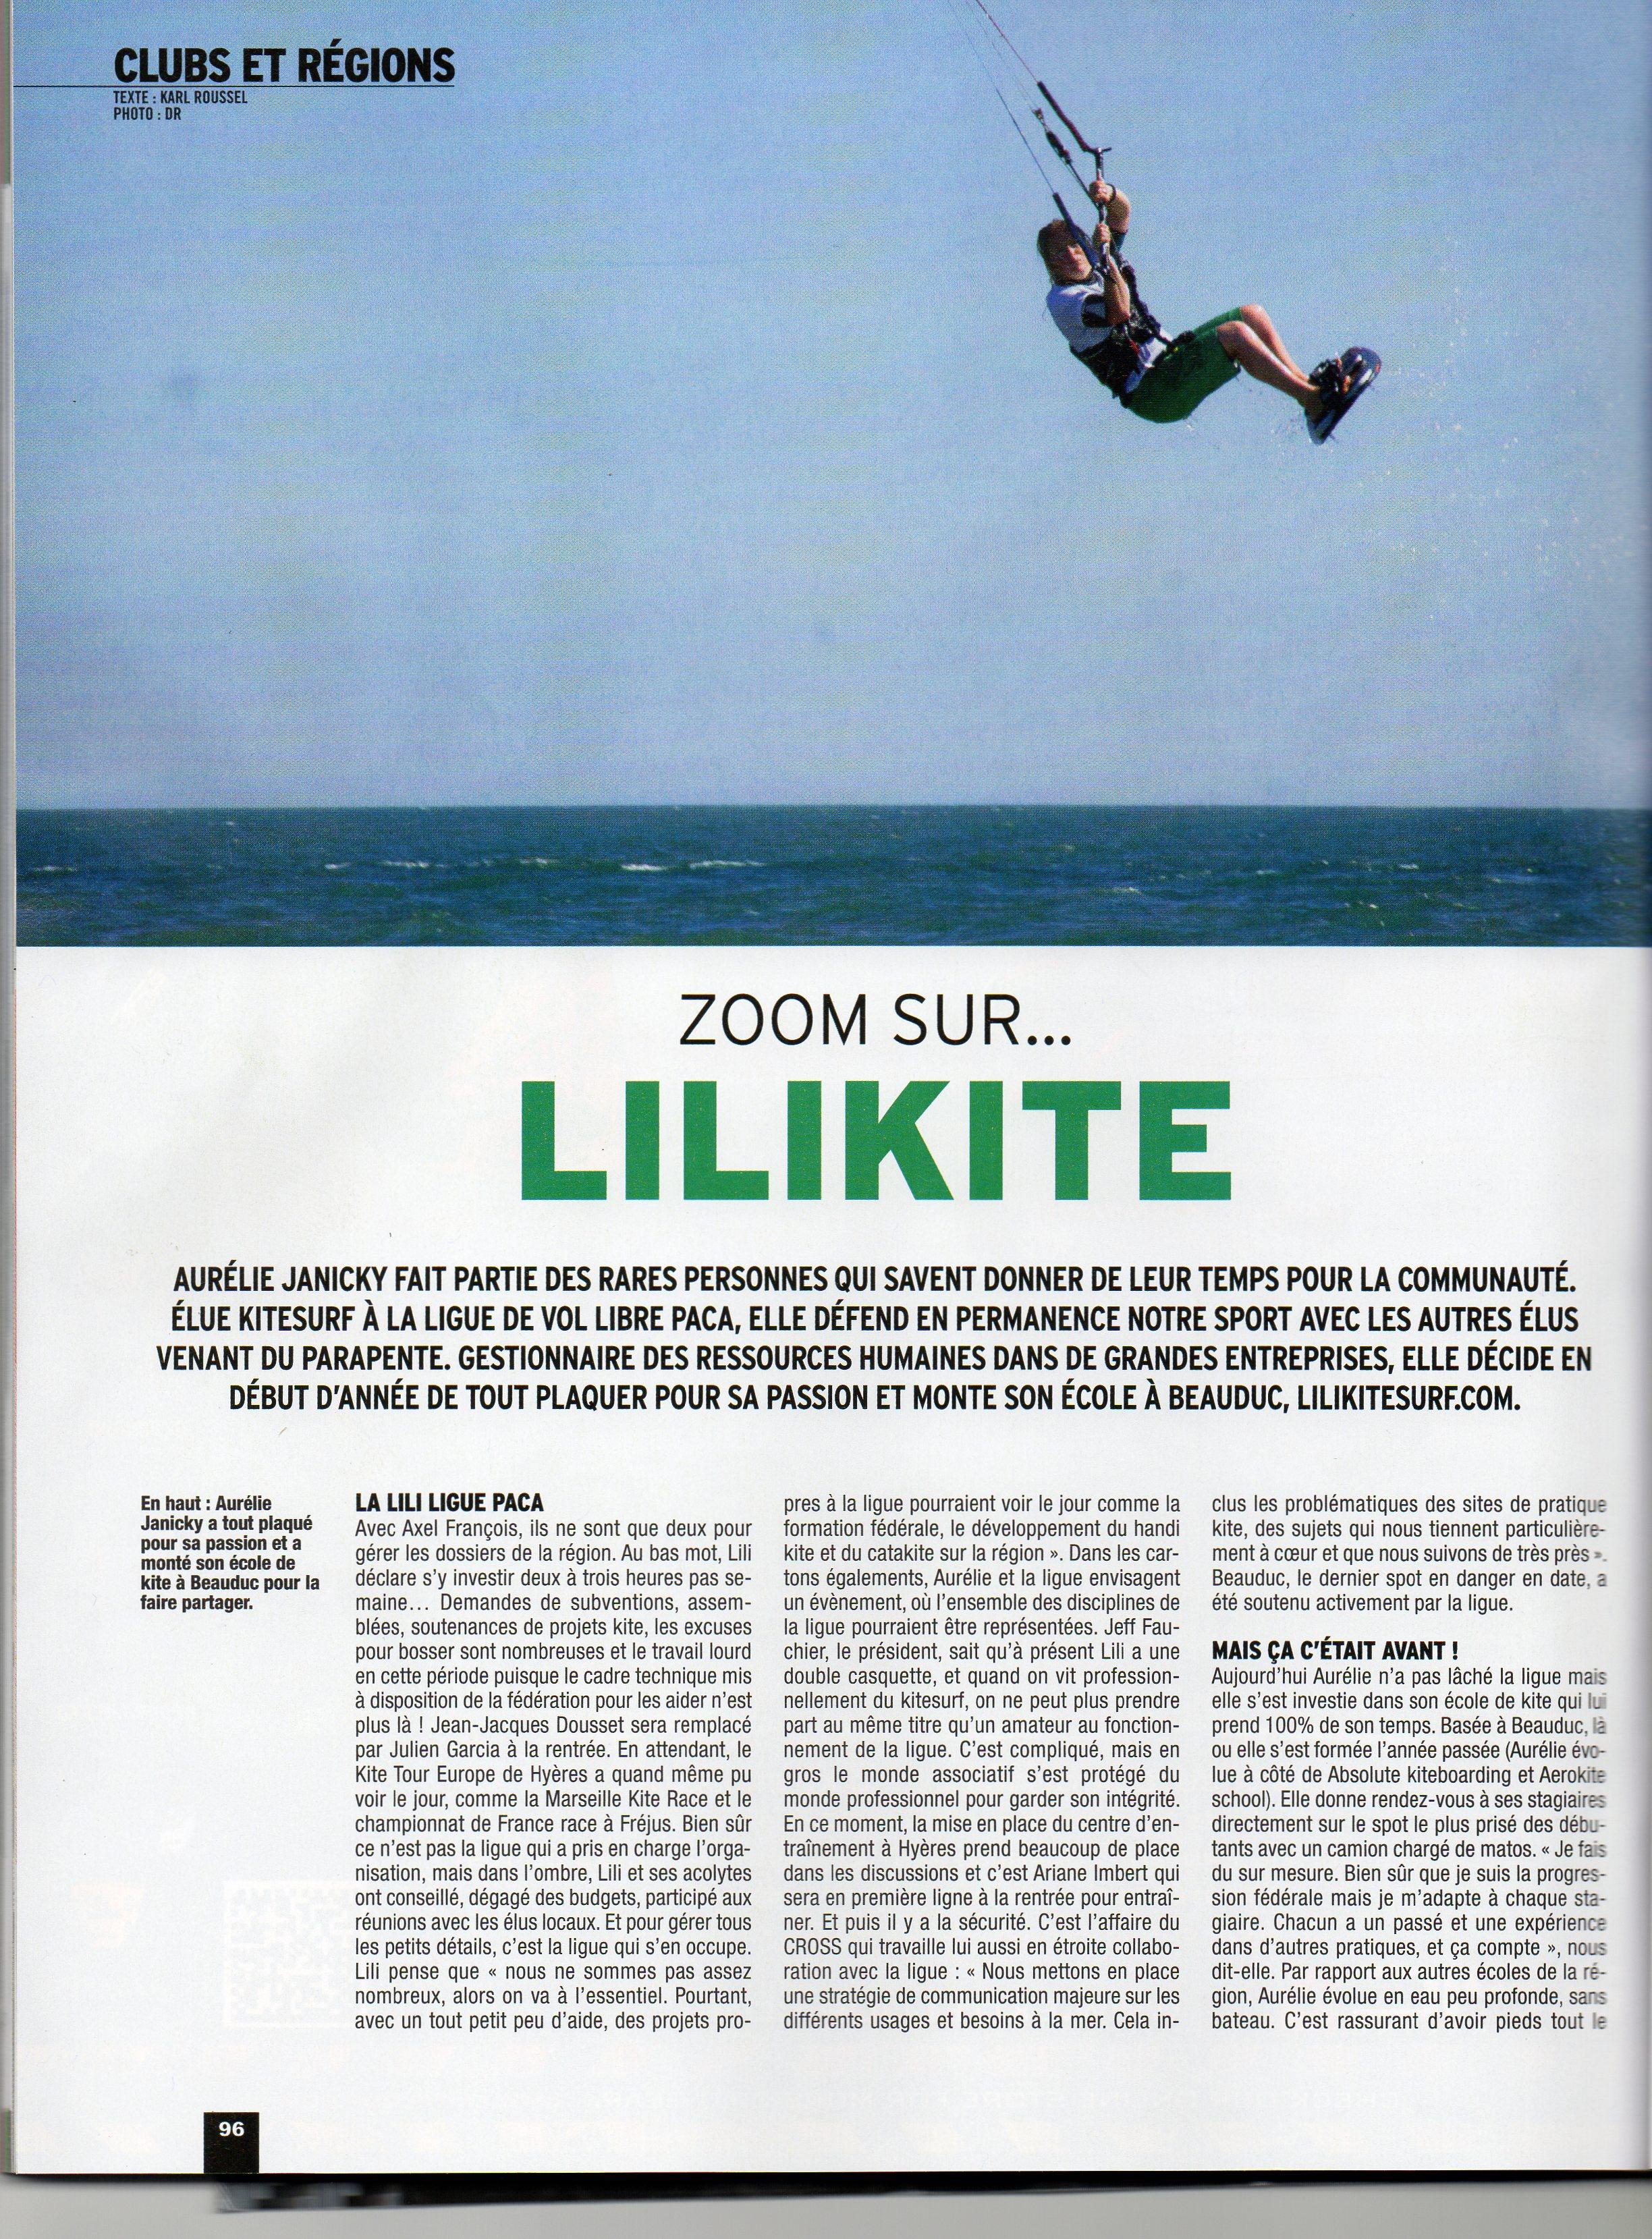 Zoom sur ... Lilikite